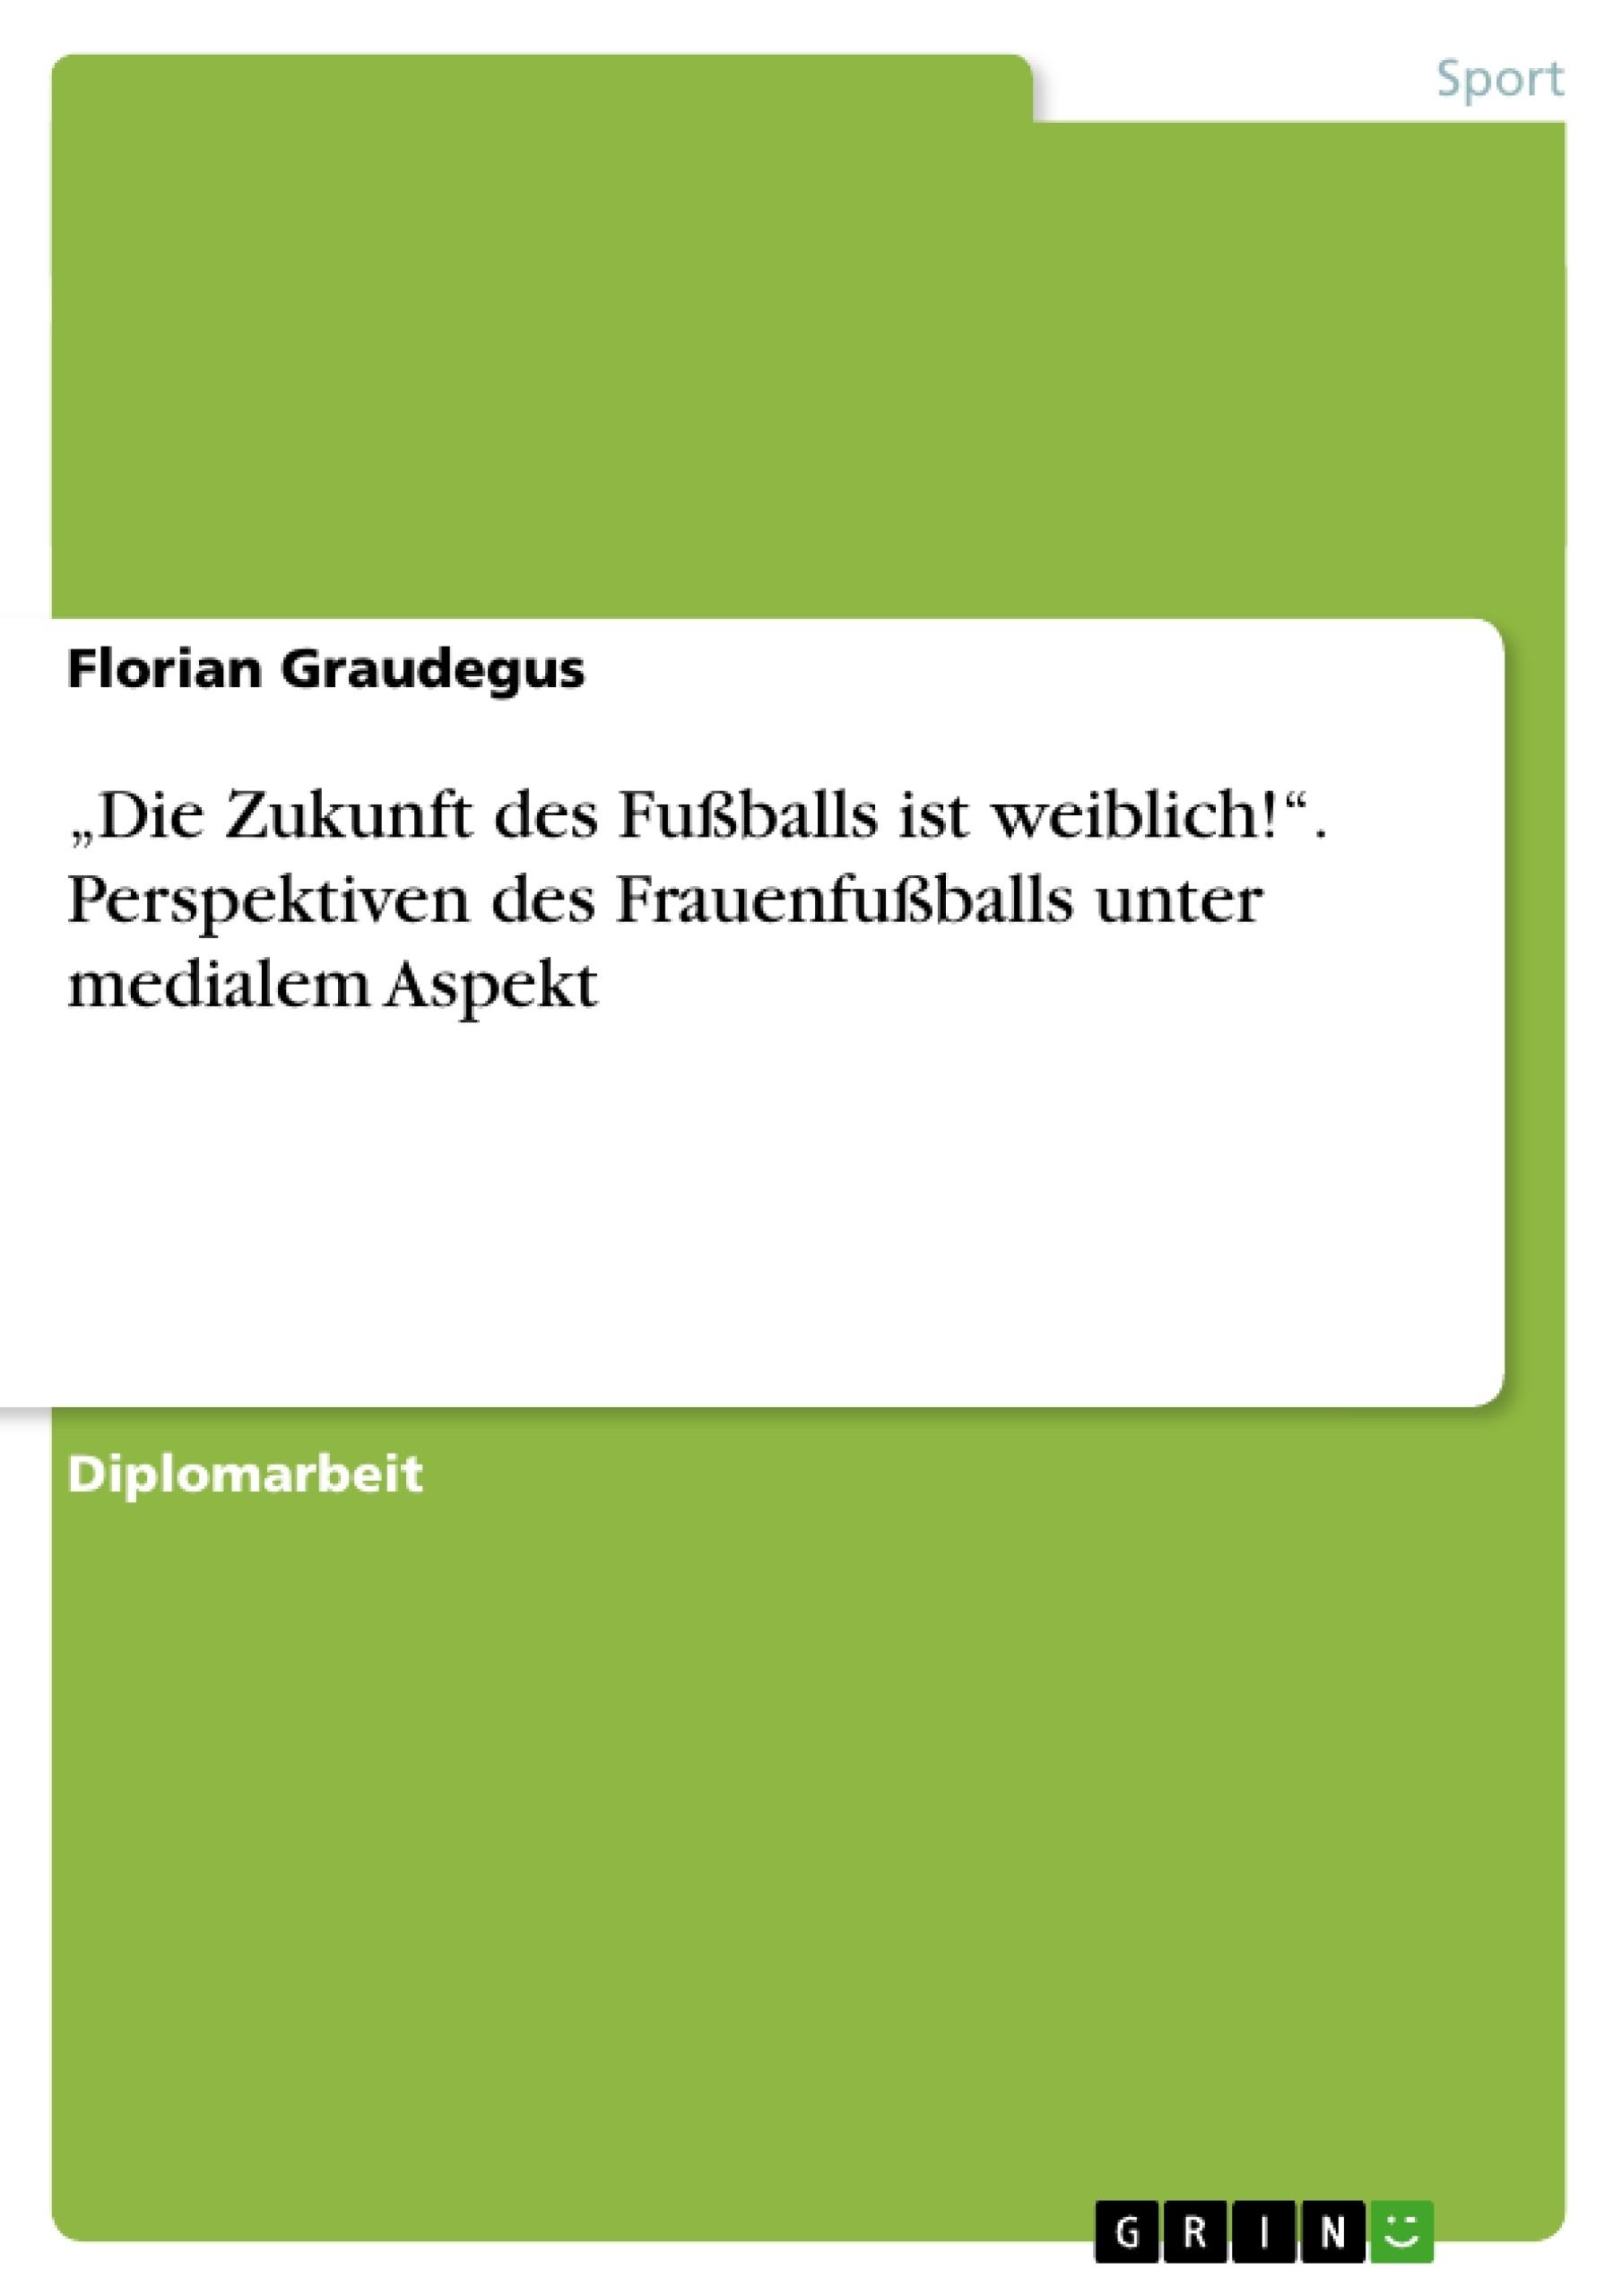 """Titel: """"Die Zukunft des Fußballs ist weiblich!"""". Perspektiven des Frauenfußballs unter medialem Aspekt"""